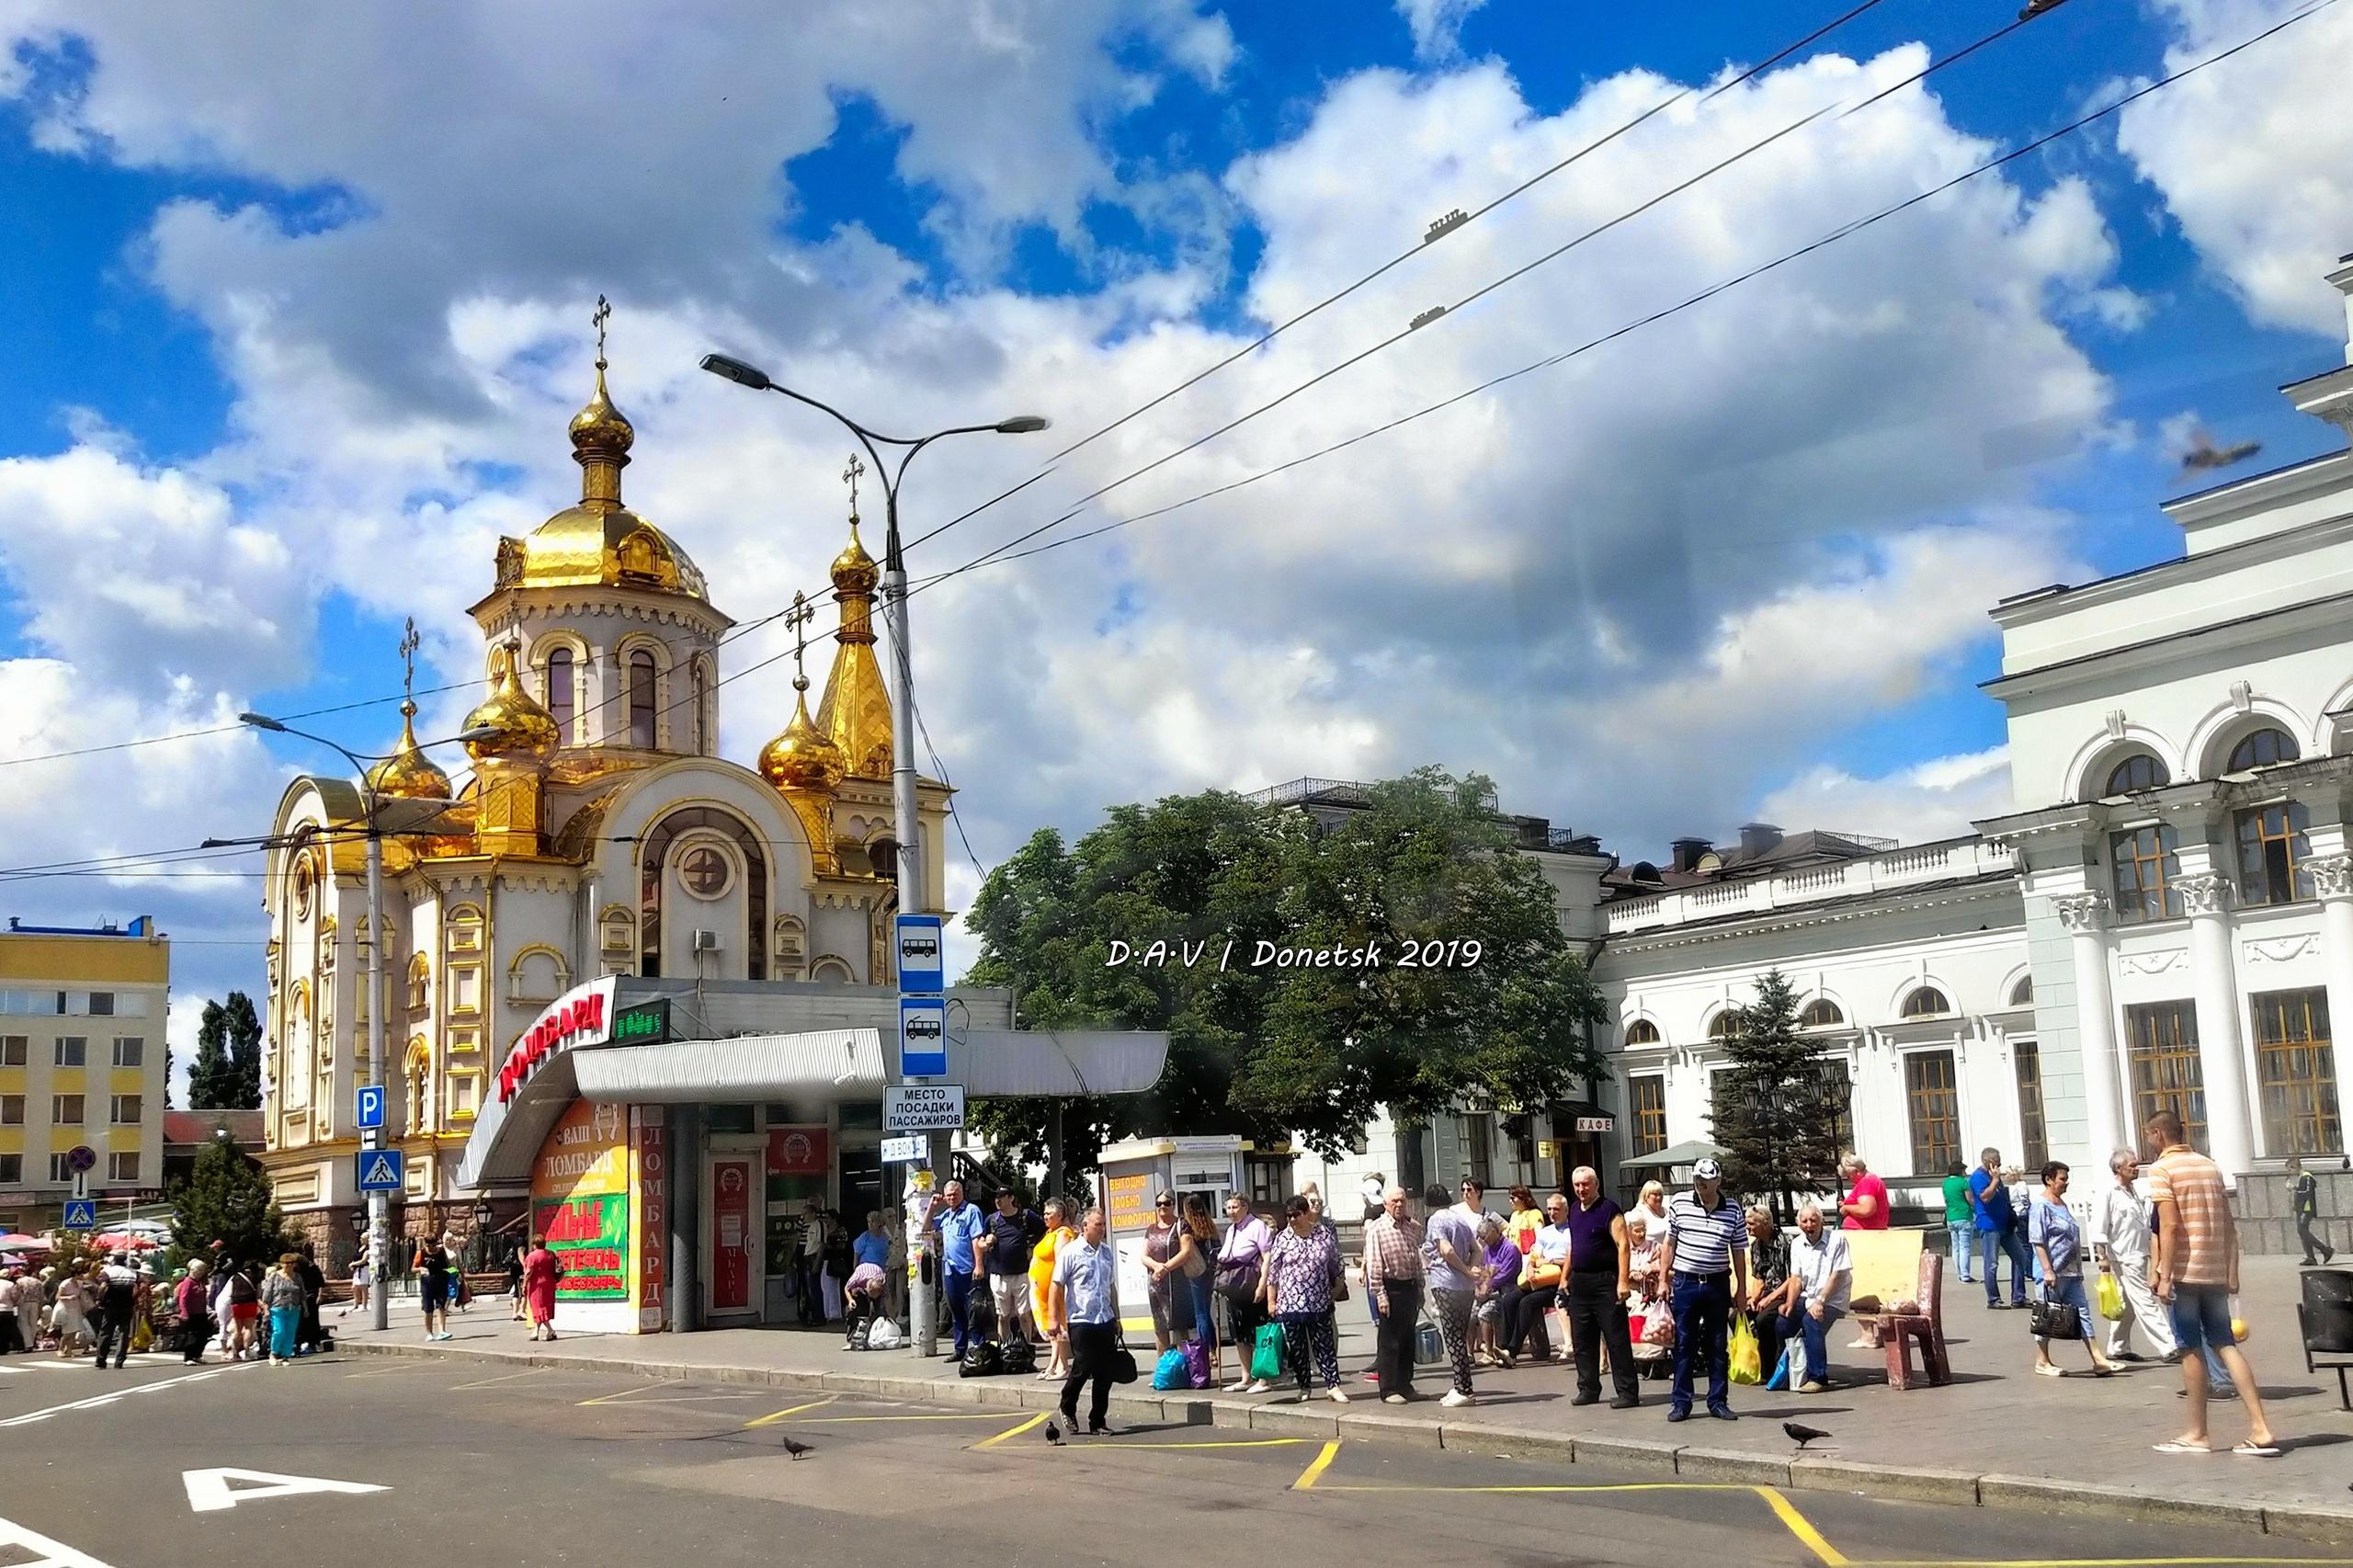 Донецк. Финал шестой недели нашего лета, выдался облачным и тёплым ⛅